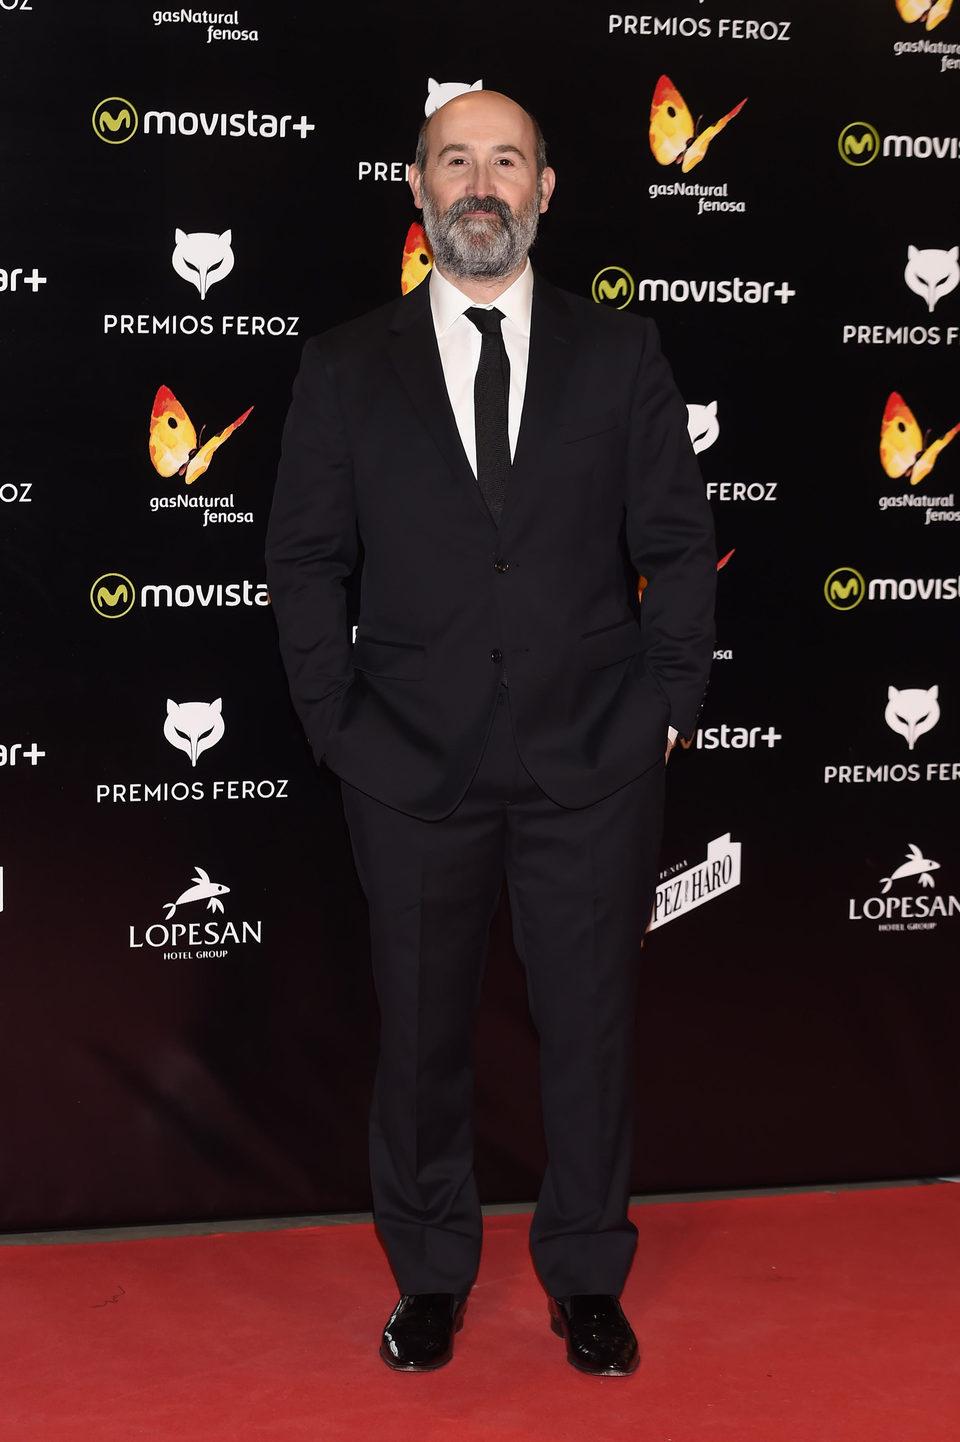 Javier Cámara en la alfombra roja de los Premios Feroz 2016